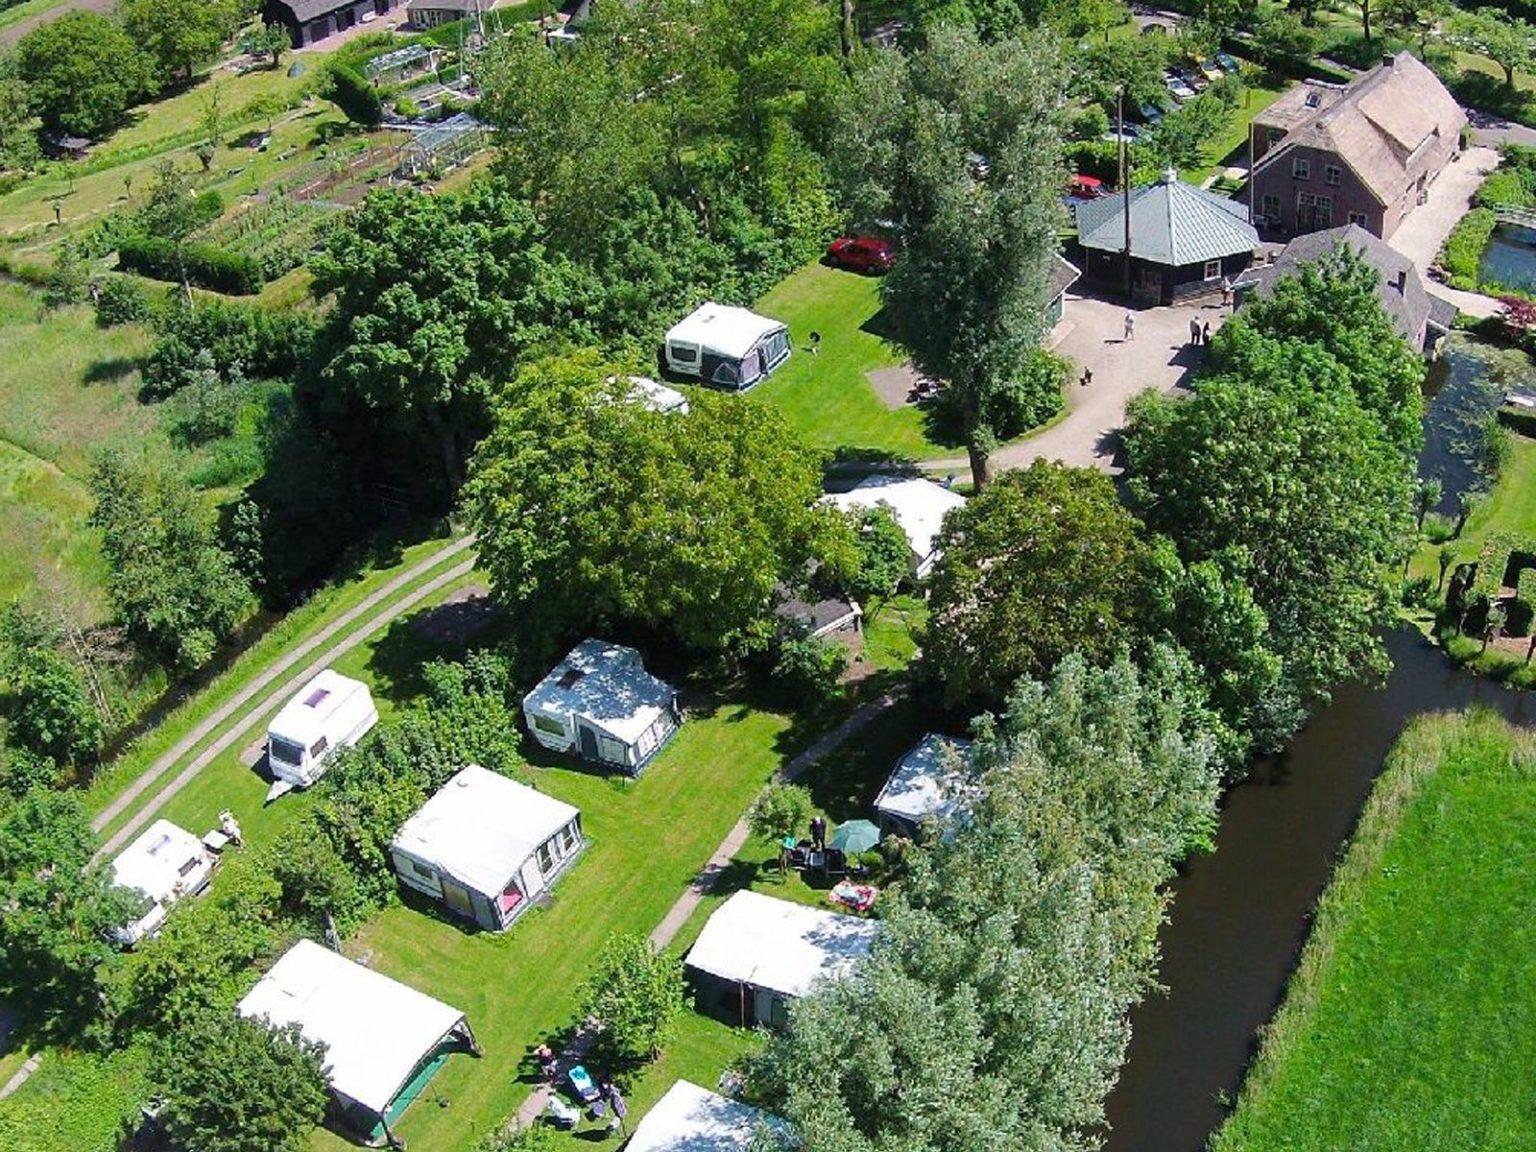 bij-groen-geluk-campingplaats-01_result